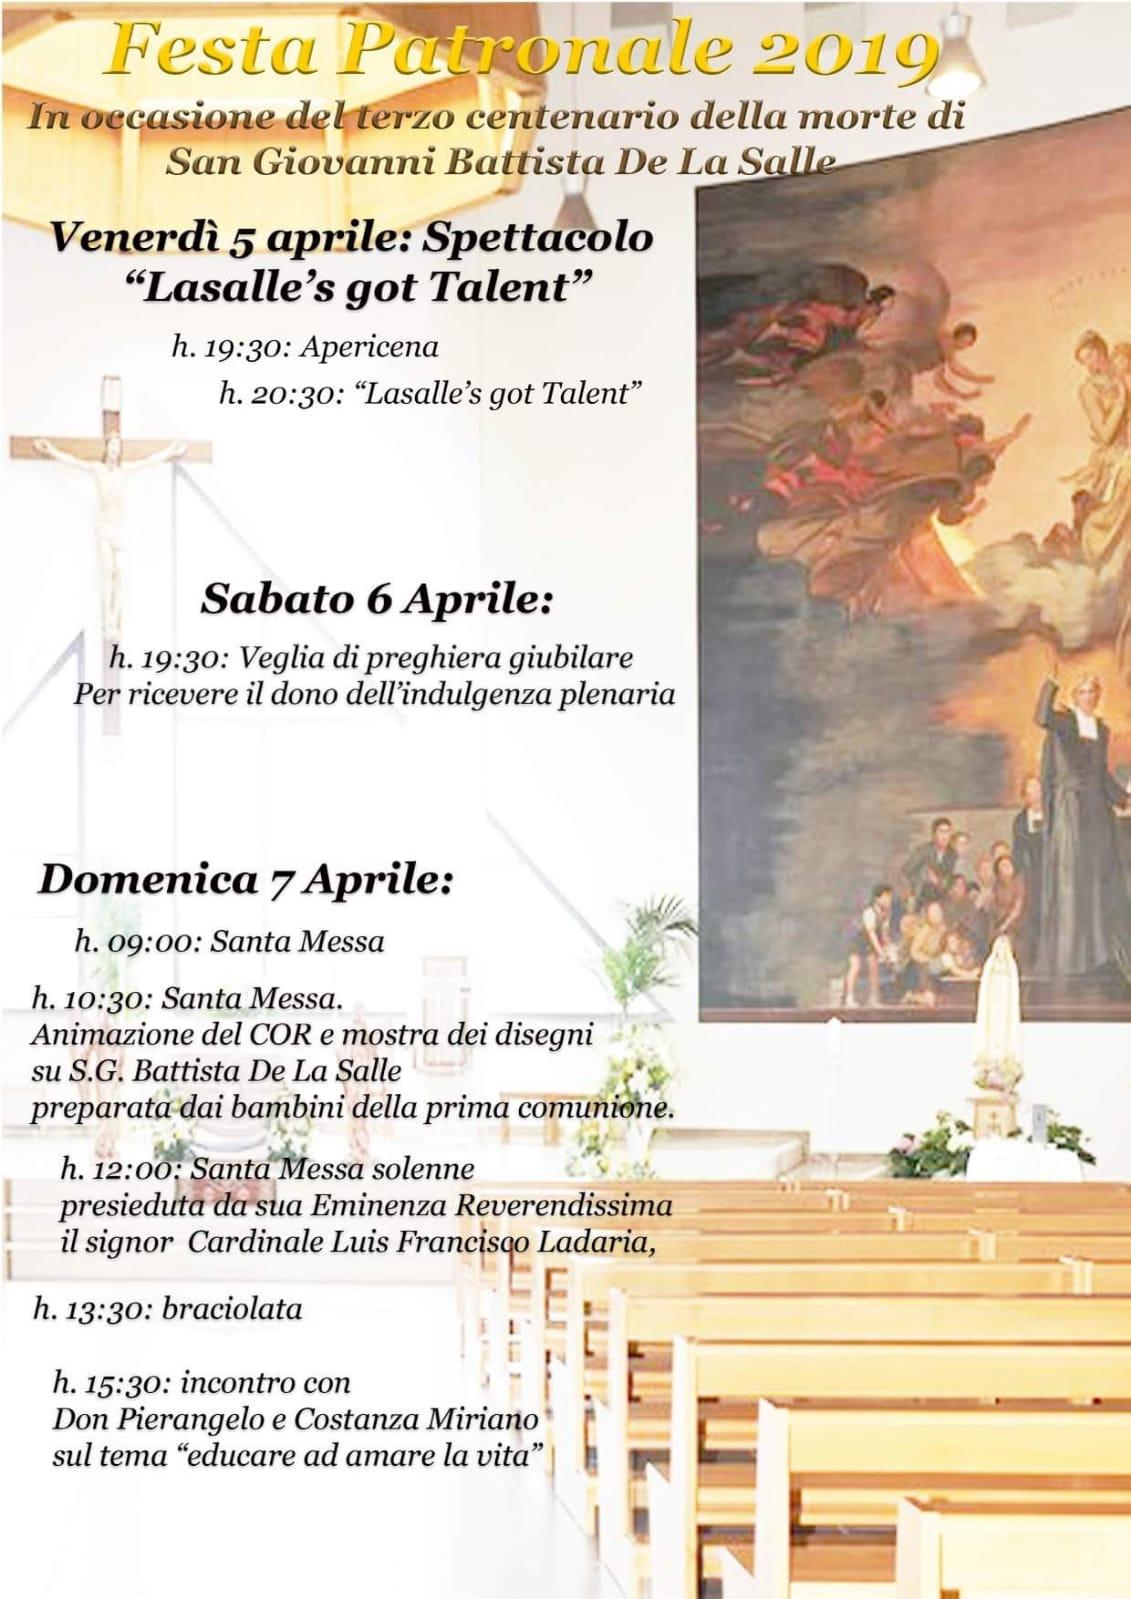 parrocchie di roma, san giovanni battista de la salle, www.radiopiu.eu